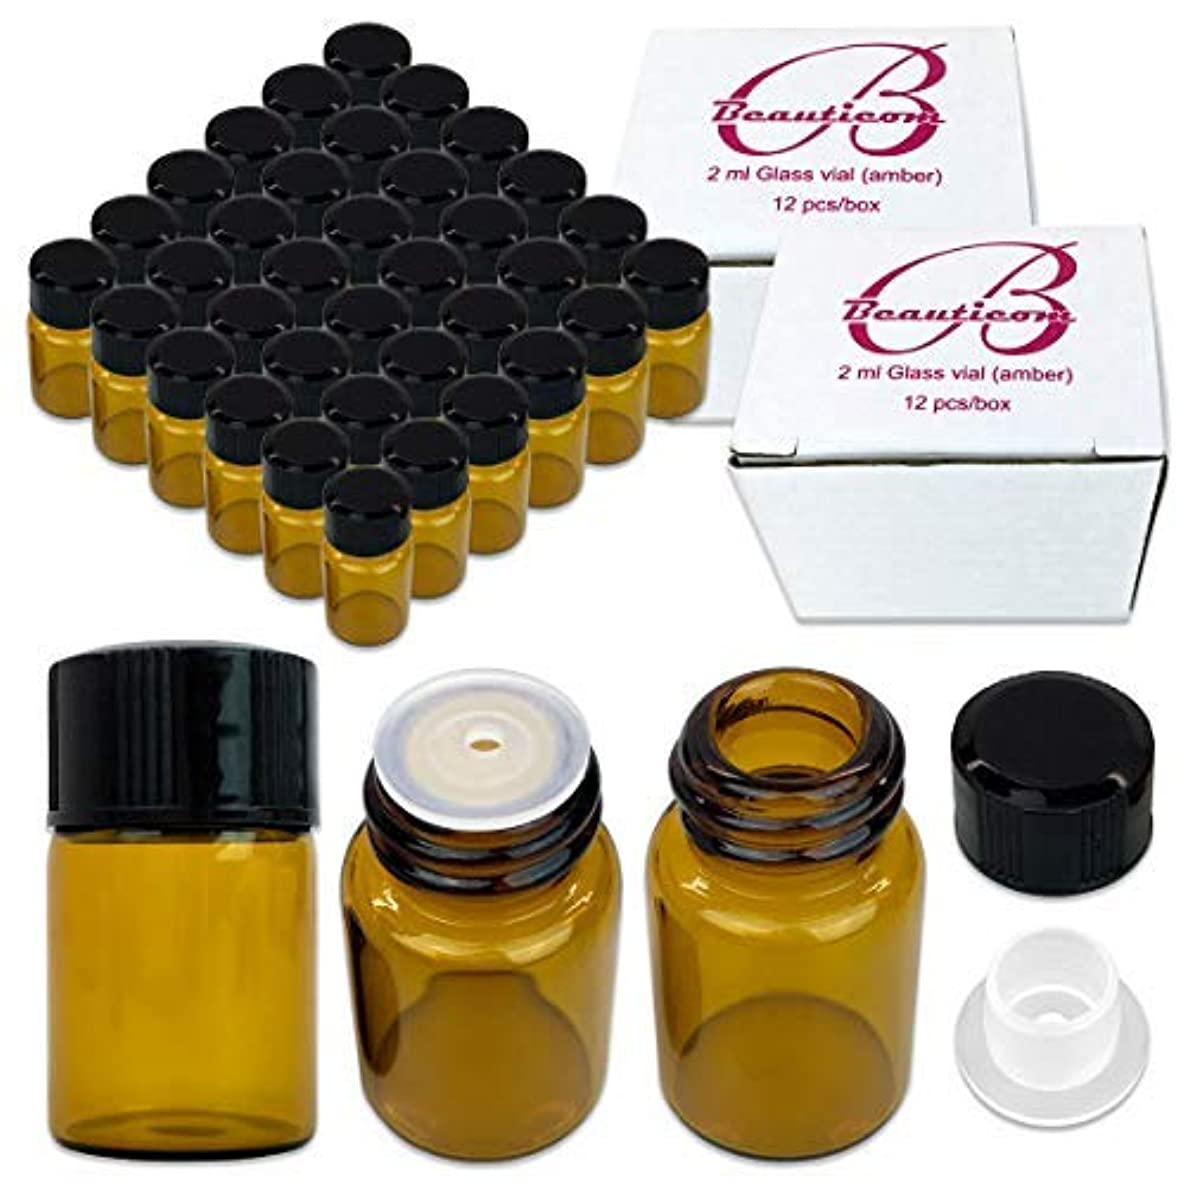 上がる彫るスリム72 Packs Beauticom 2ML Amber Glass Vial for Essential Oils, Aromatherapy, Fragrance, Serums, Spritzes, with Orifice...